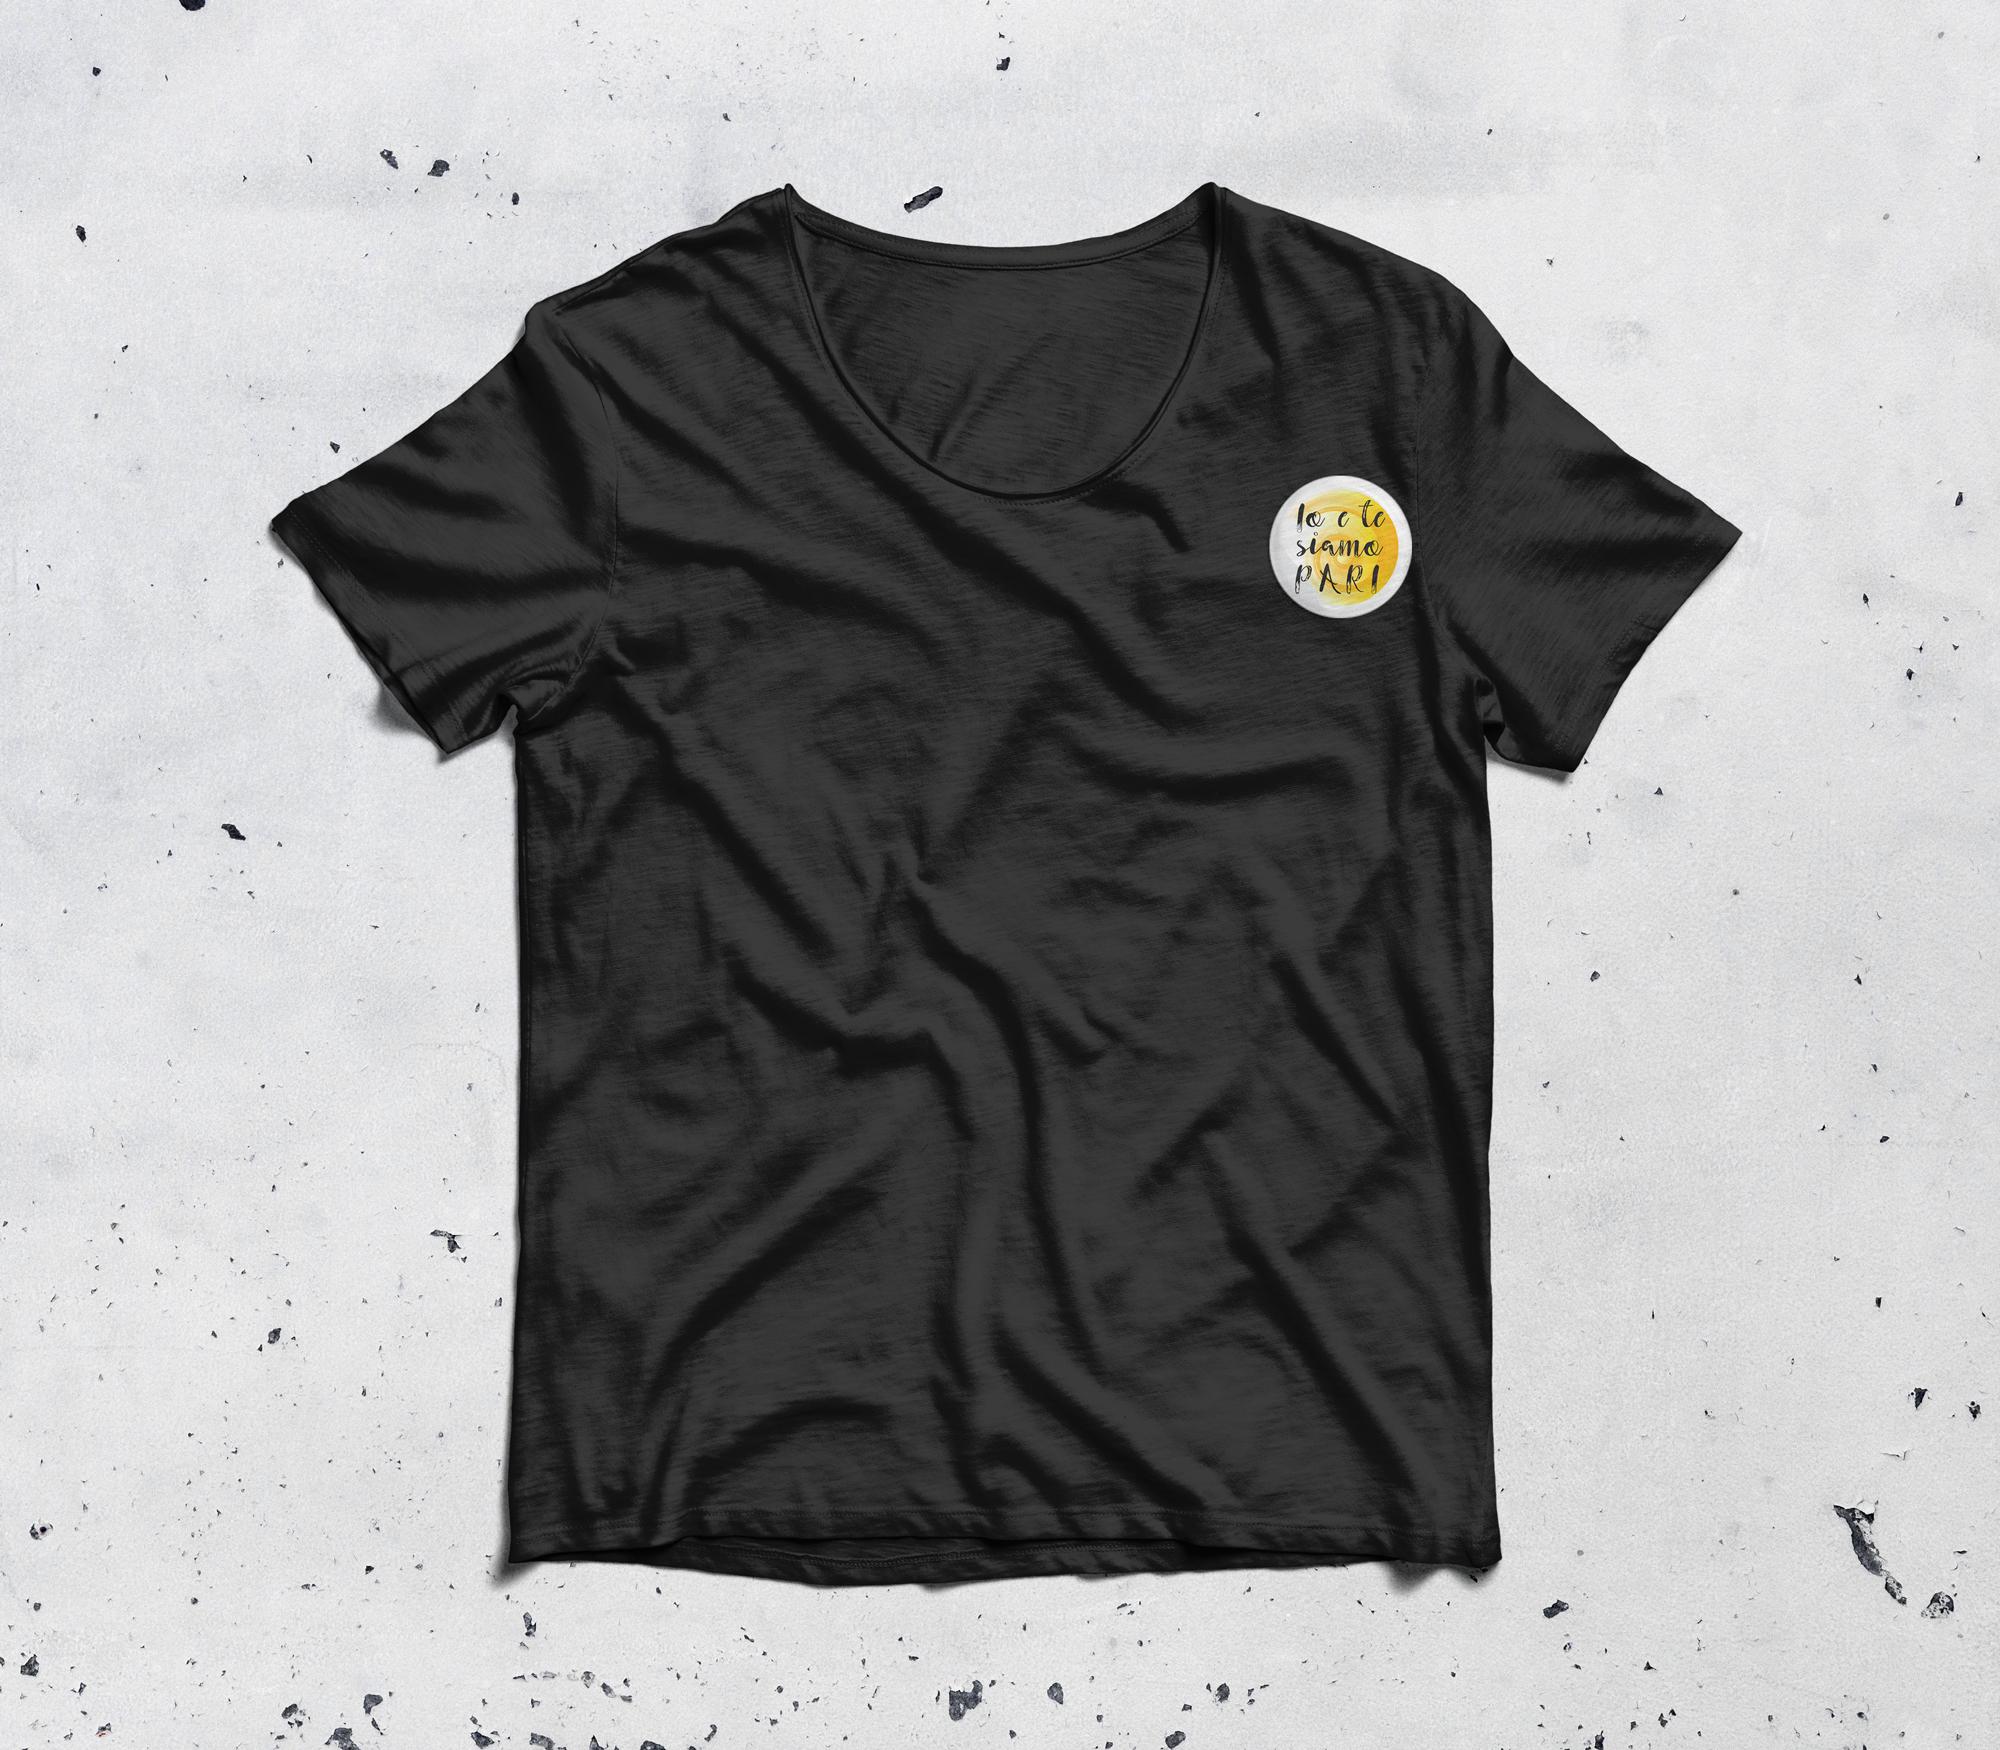 """Stampa su t-shirt nera per """"Io e te siamo pari"""""""